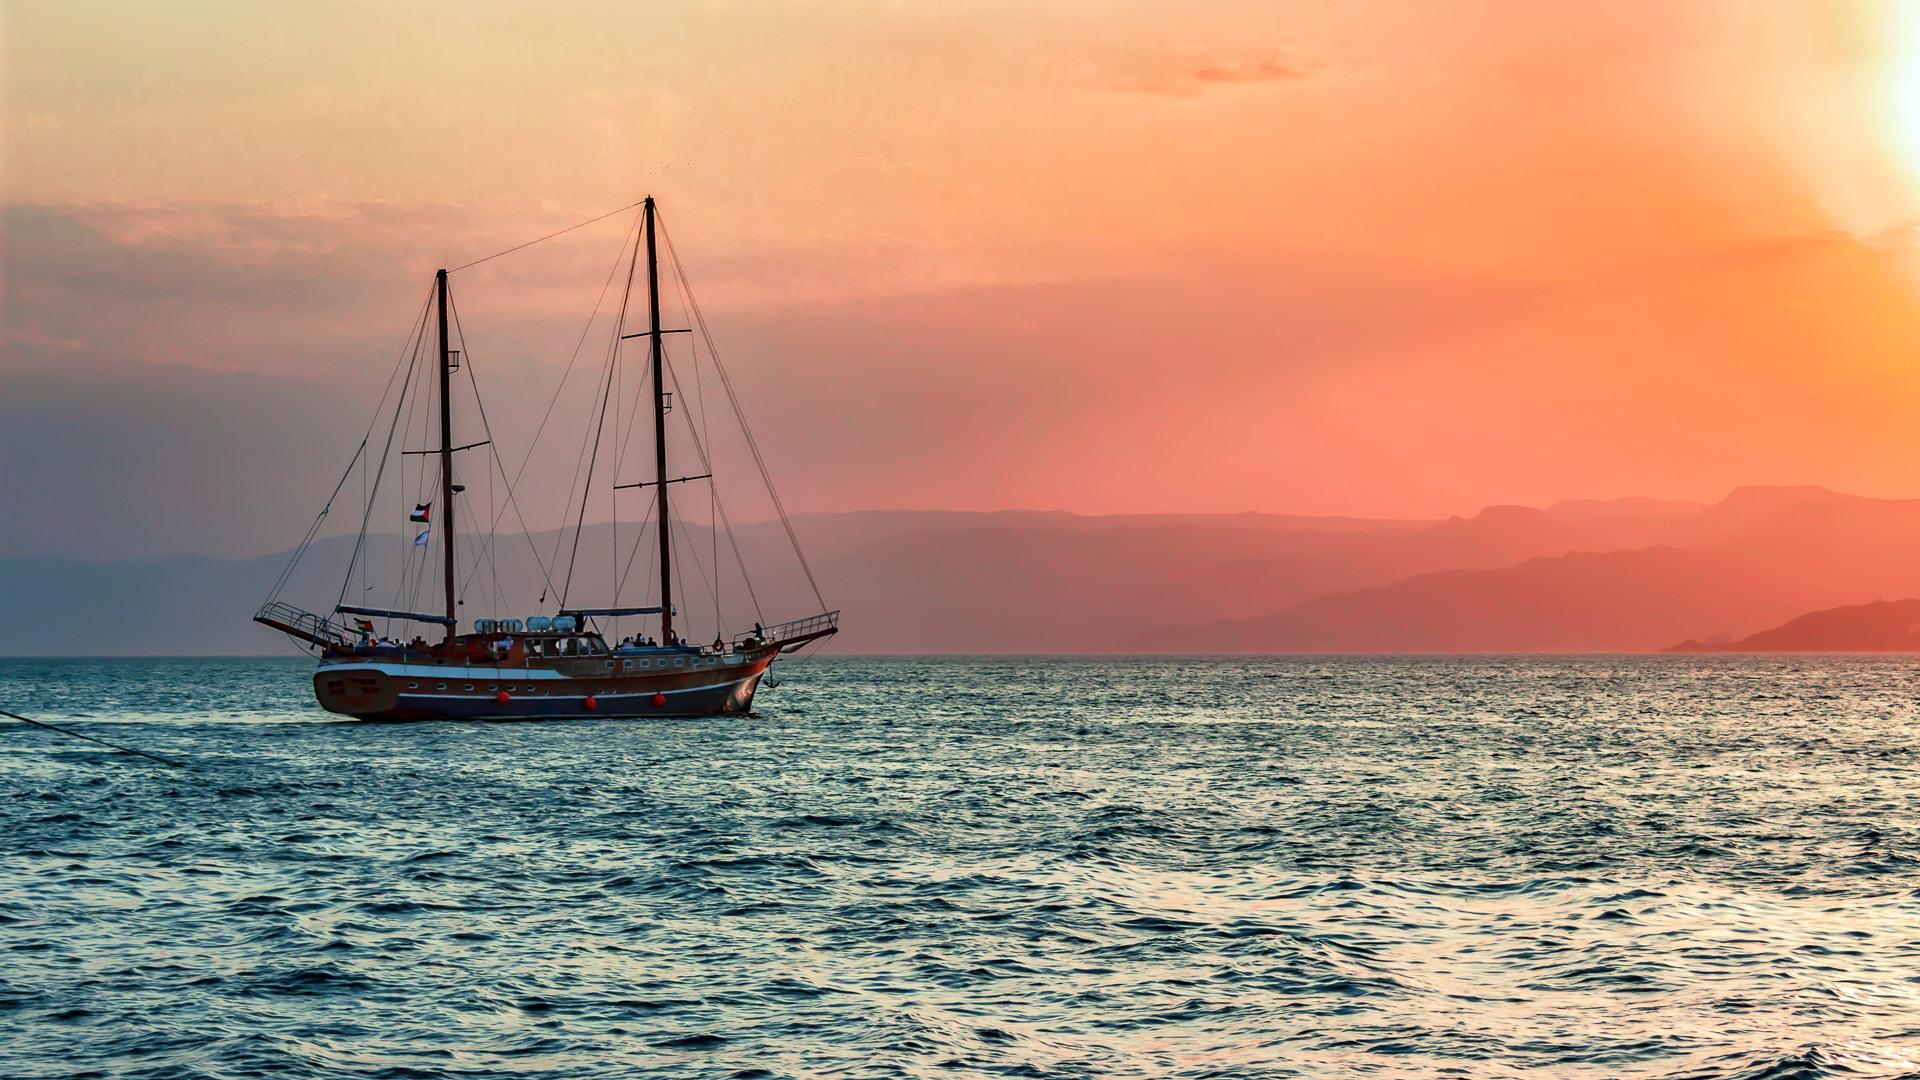 The Ship by taha89tk